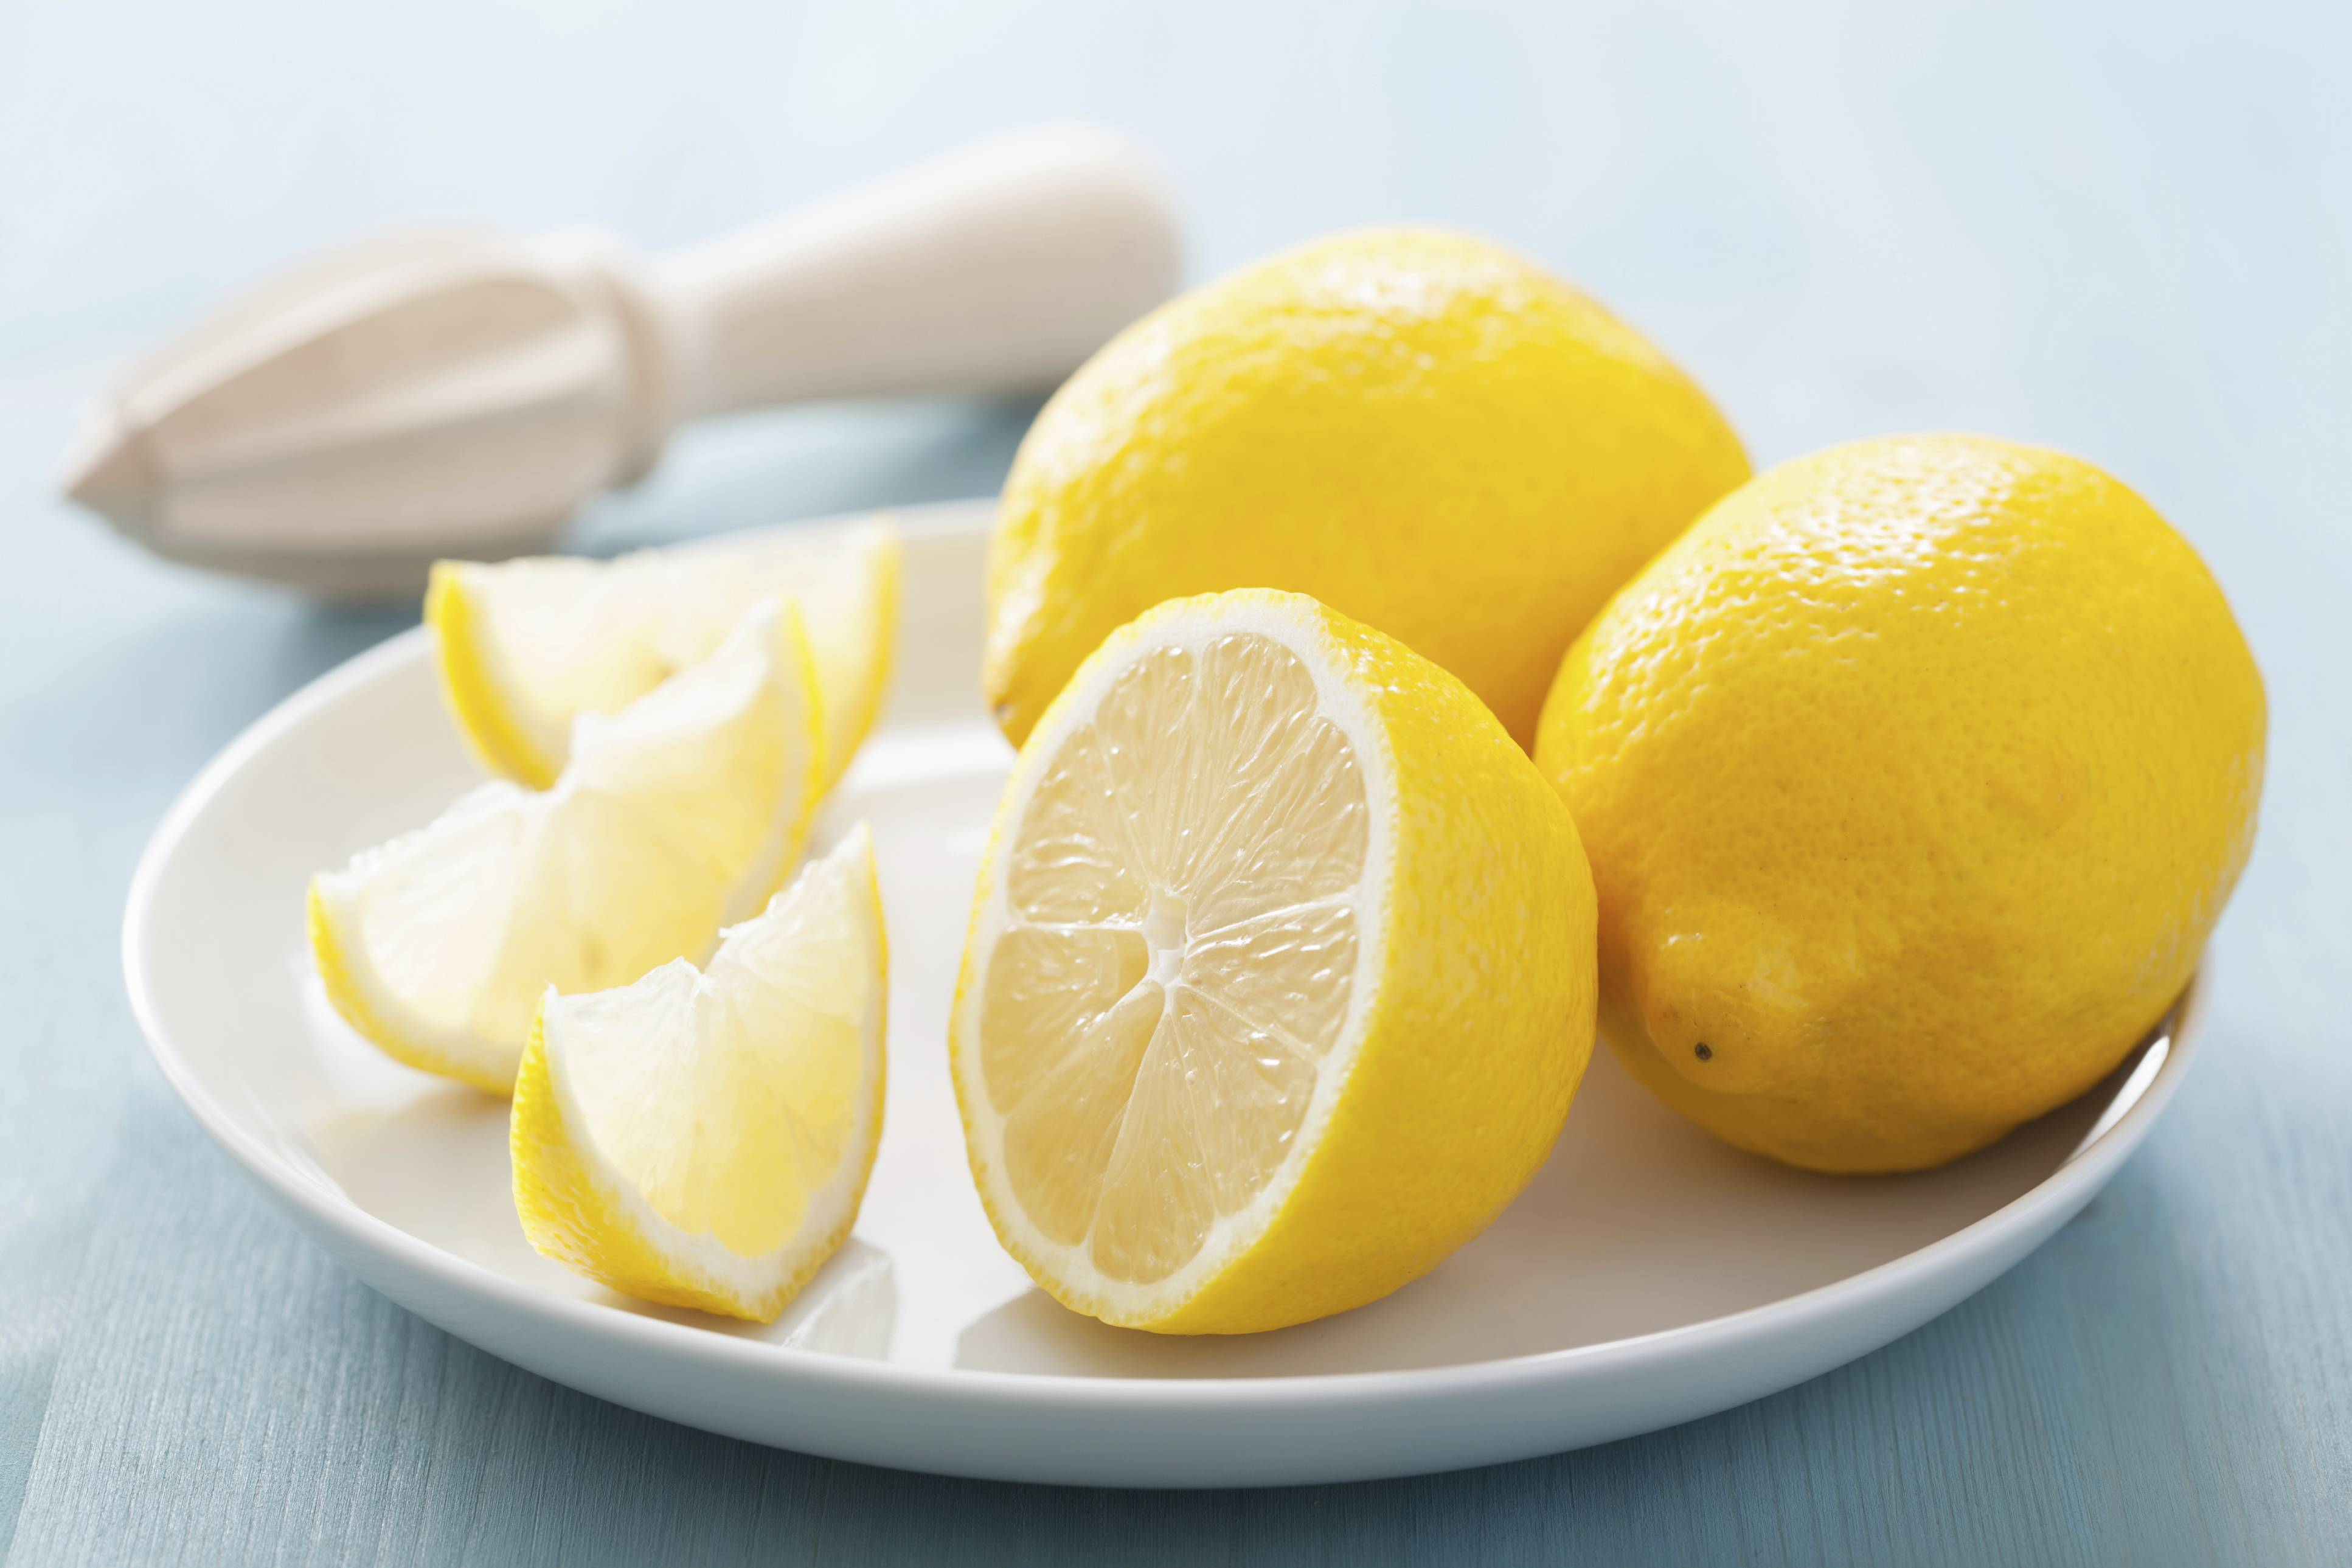 mangiare limone ti aiuta a perdere peso